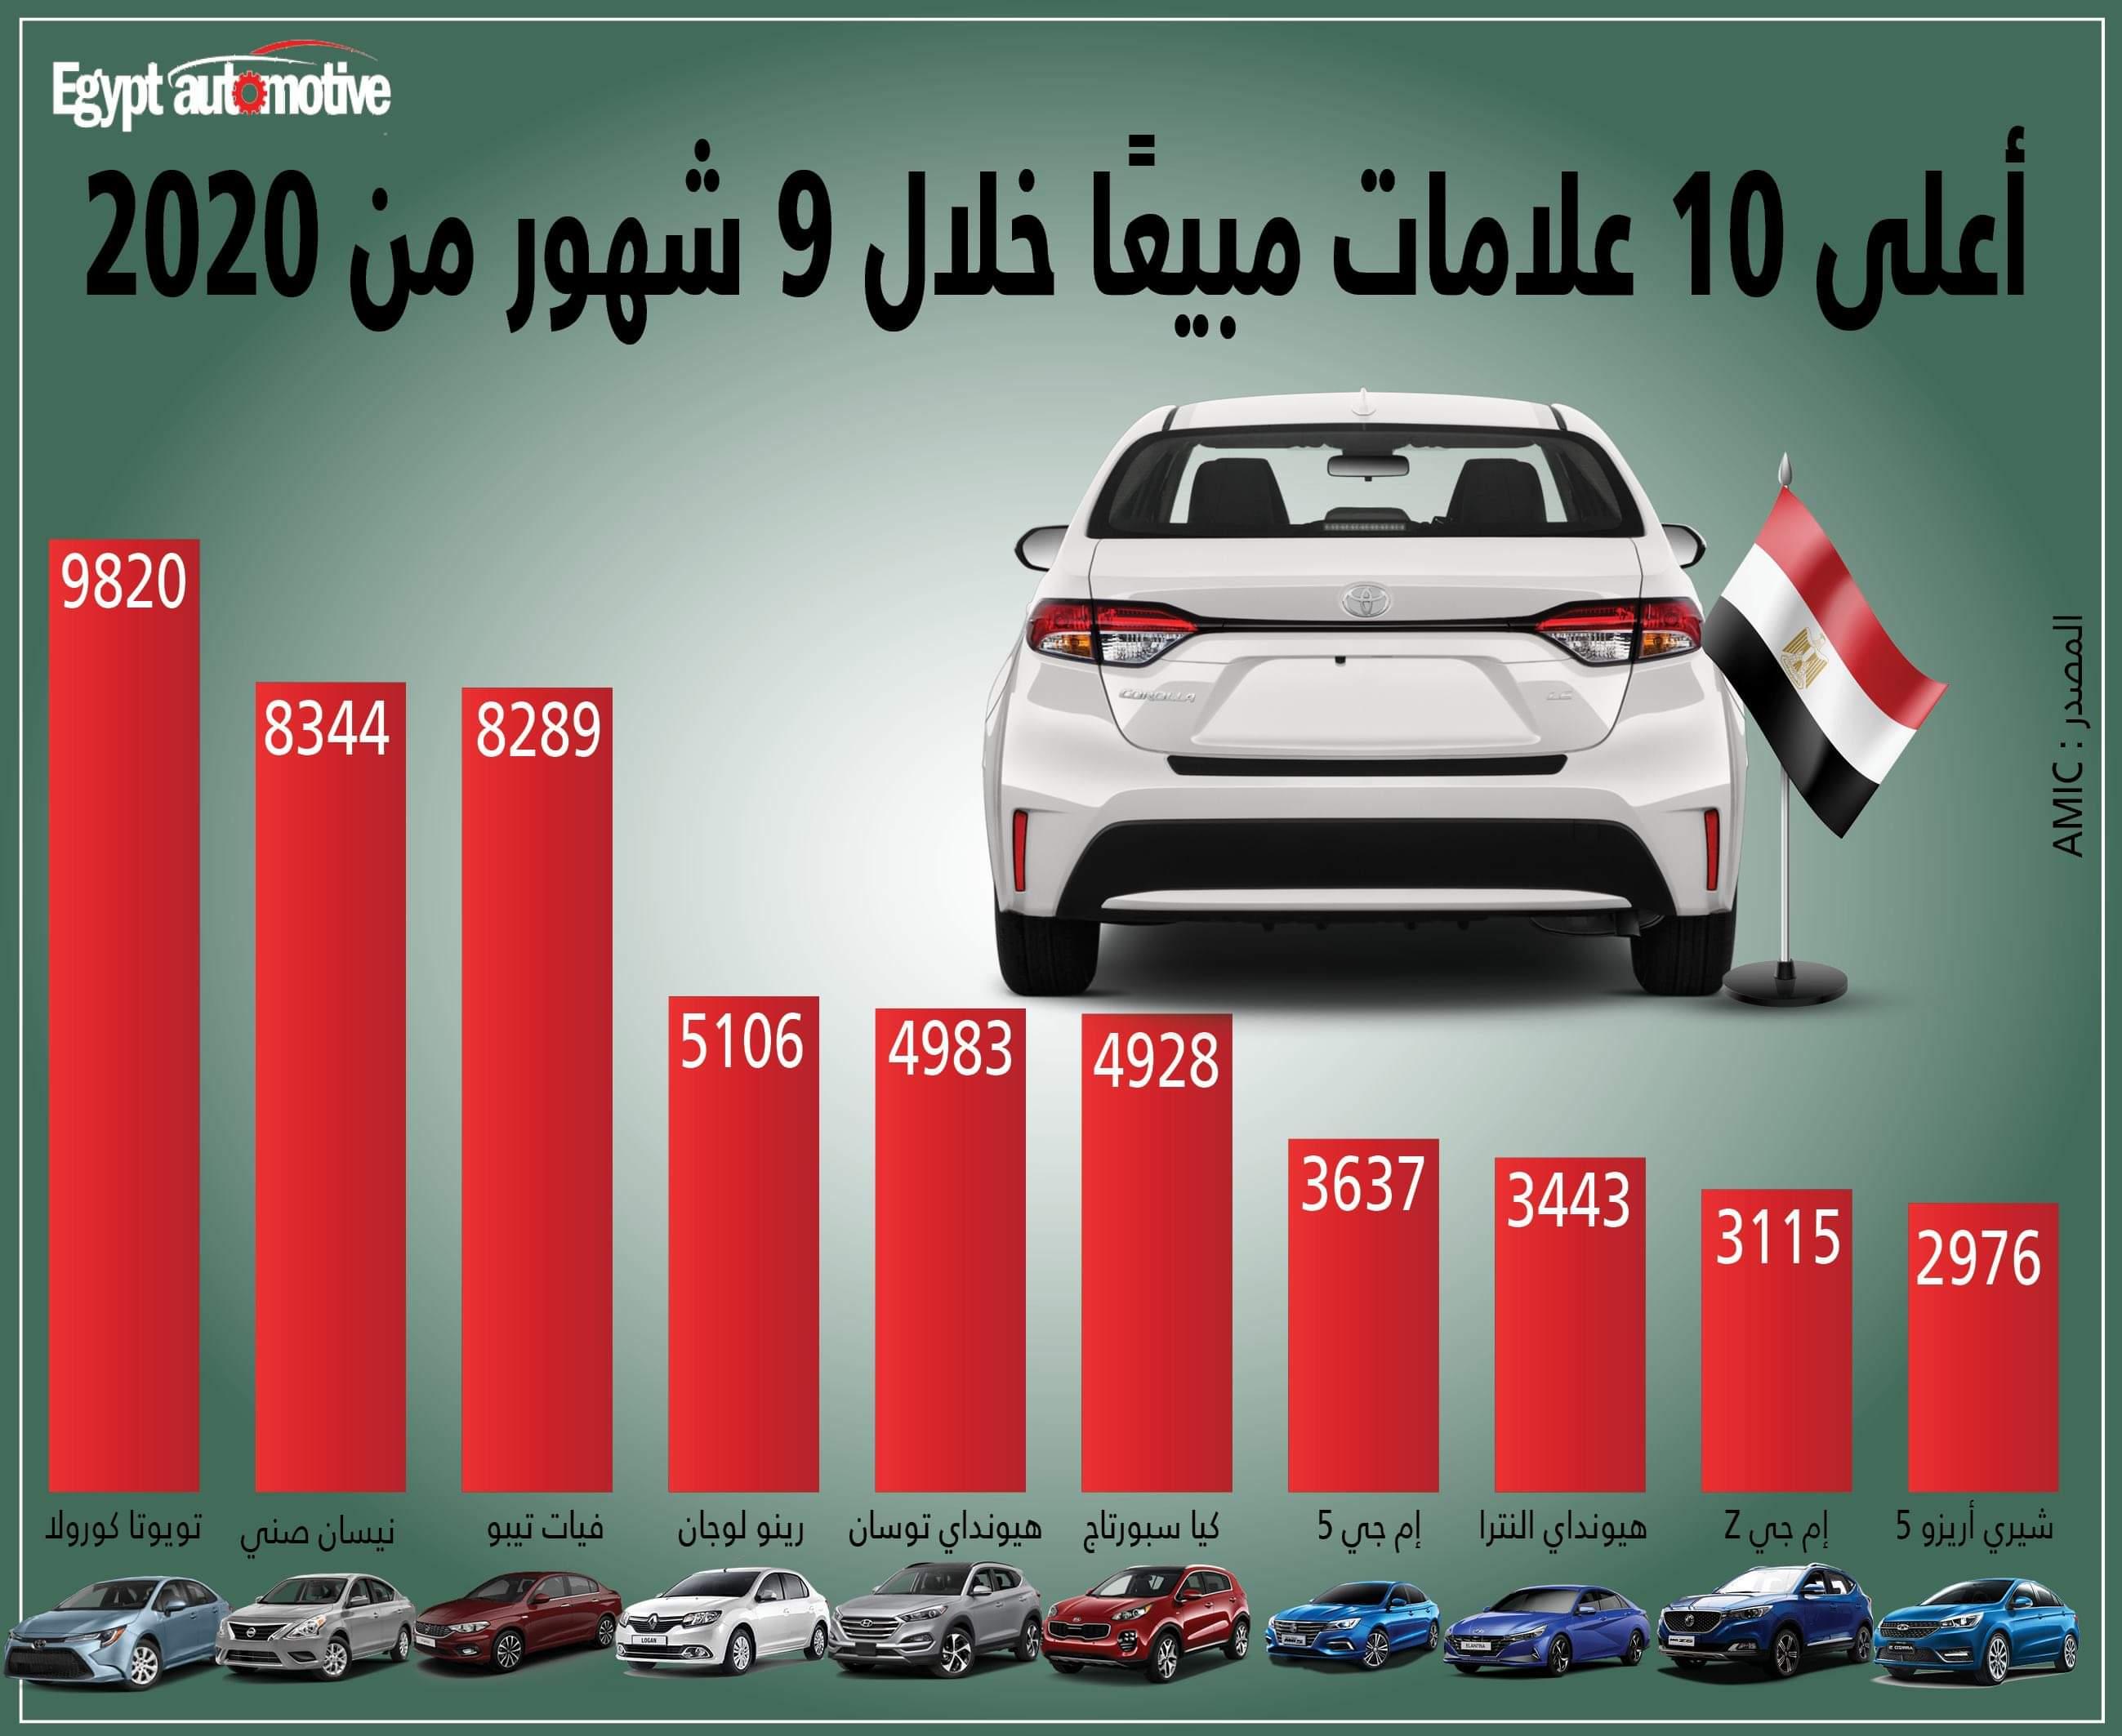 الأميك: 3 سيارات فقط يستحوذن على 25% من سوق السيارات في مصر